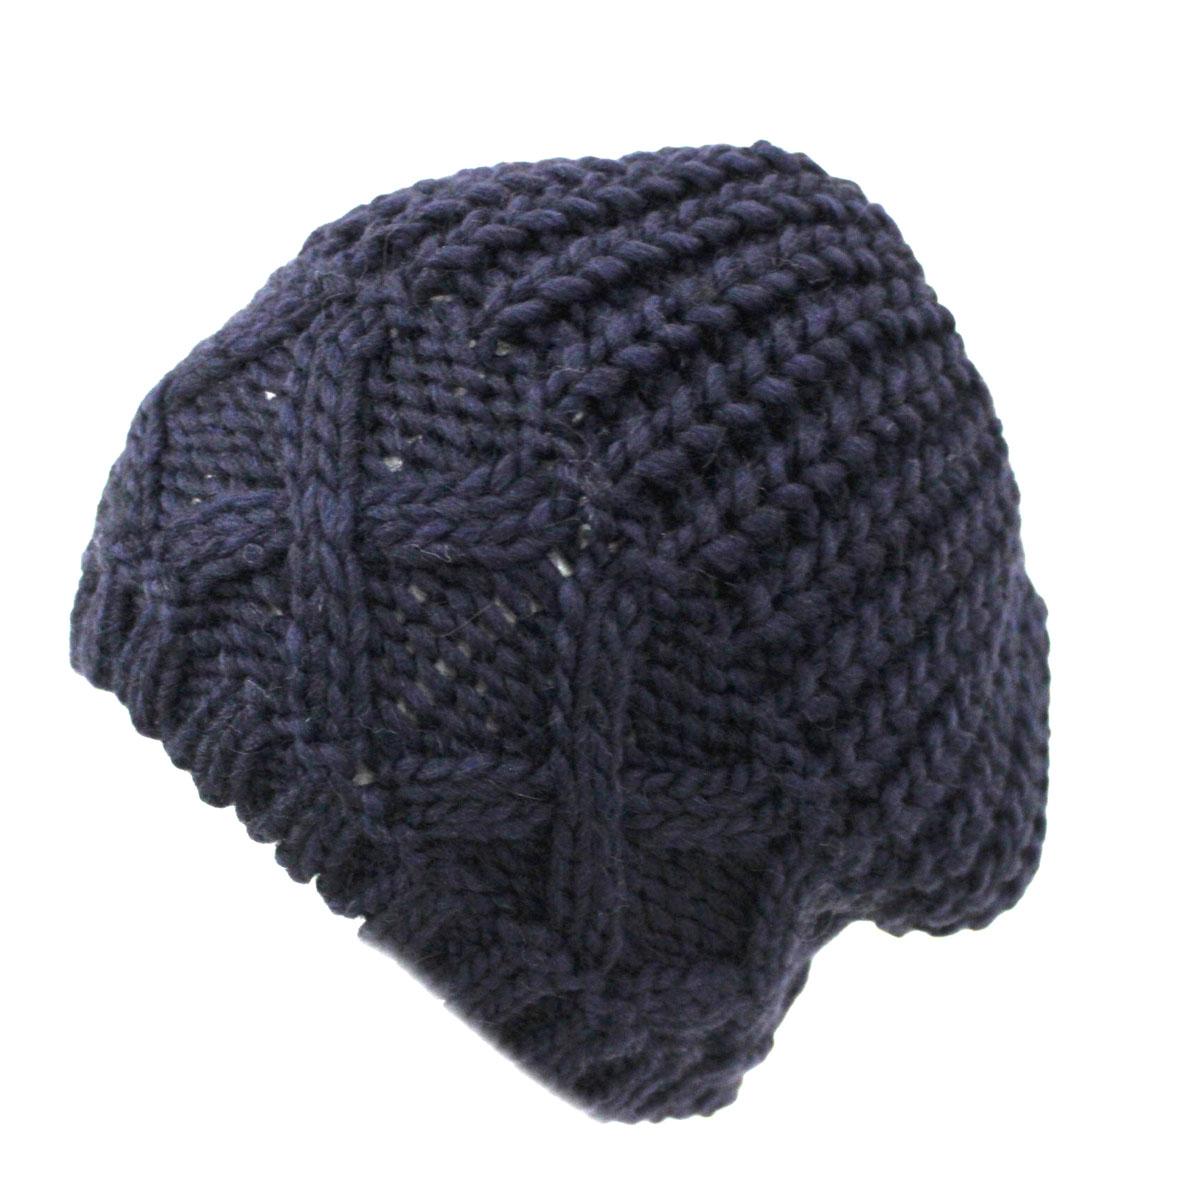 Cappello donna MISTO LANA ALPACA VISCOSA ACRILICO cuffia MADE IN ITALY m1326  blu 216bf9807c14